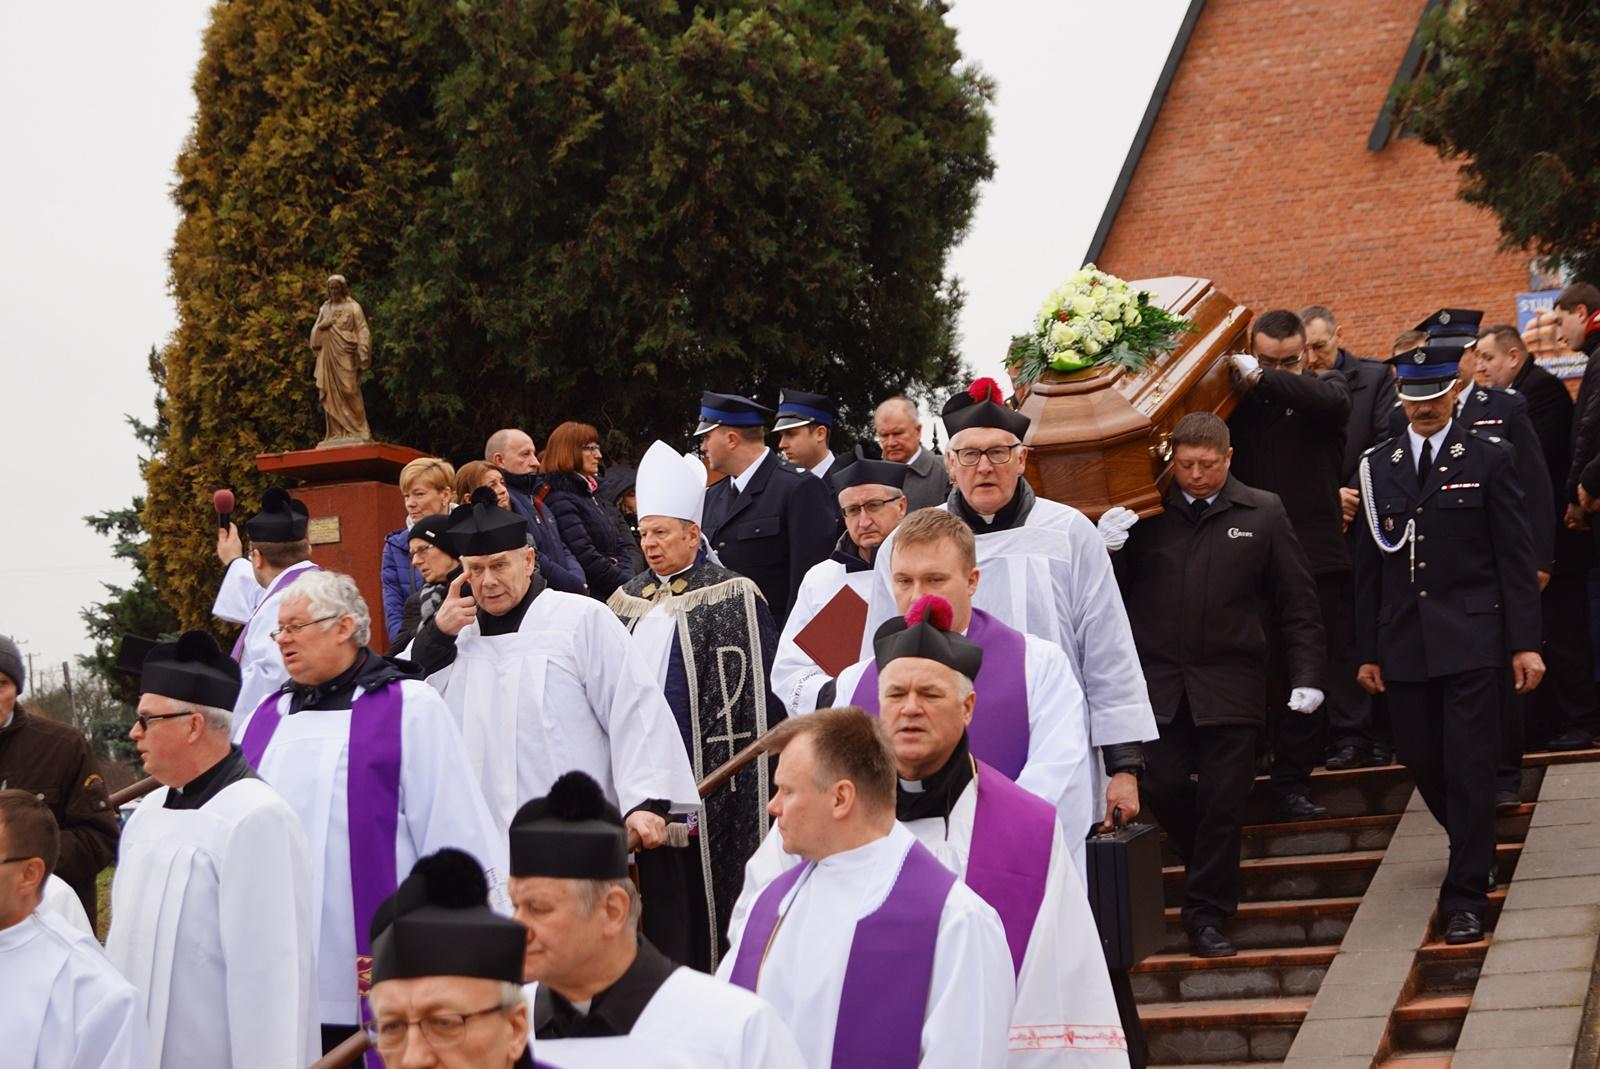 pogrzeb-ks-stanislaw-kusmierczyk-stykow-gmina-brody-DSC02210-f.JPG